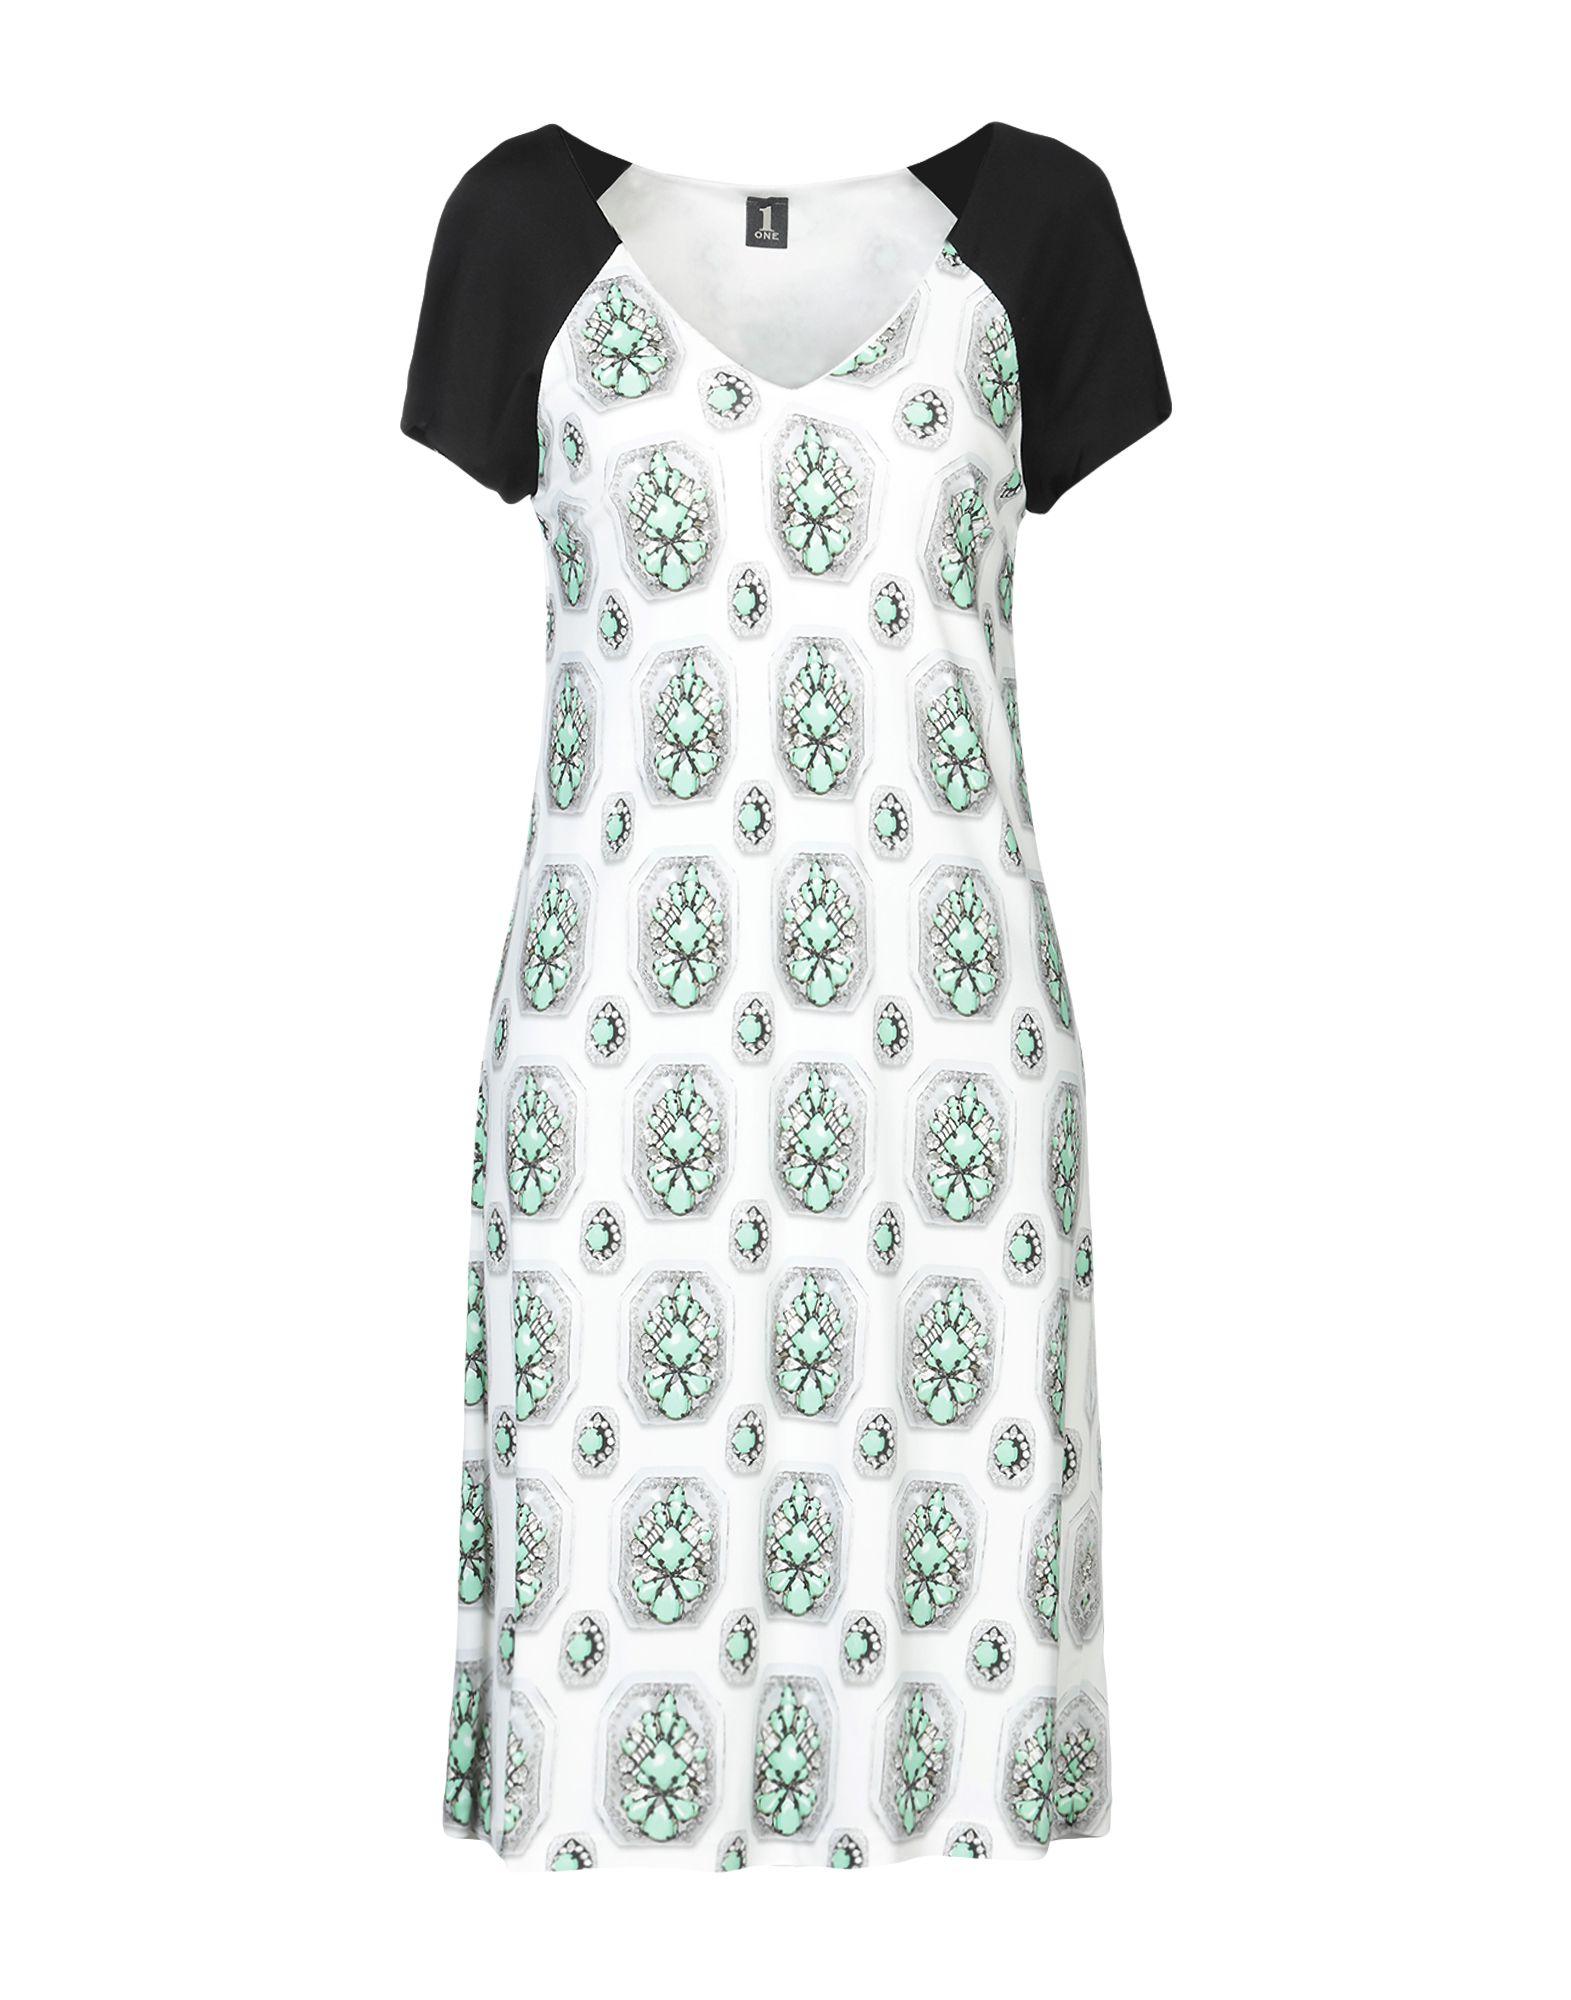 54b298dc363 Брендовая женская одежда и аксессуары - сток Itsunsolutions